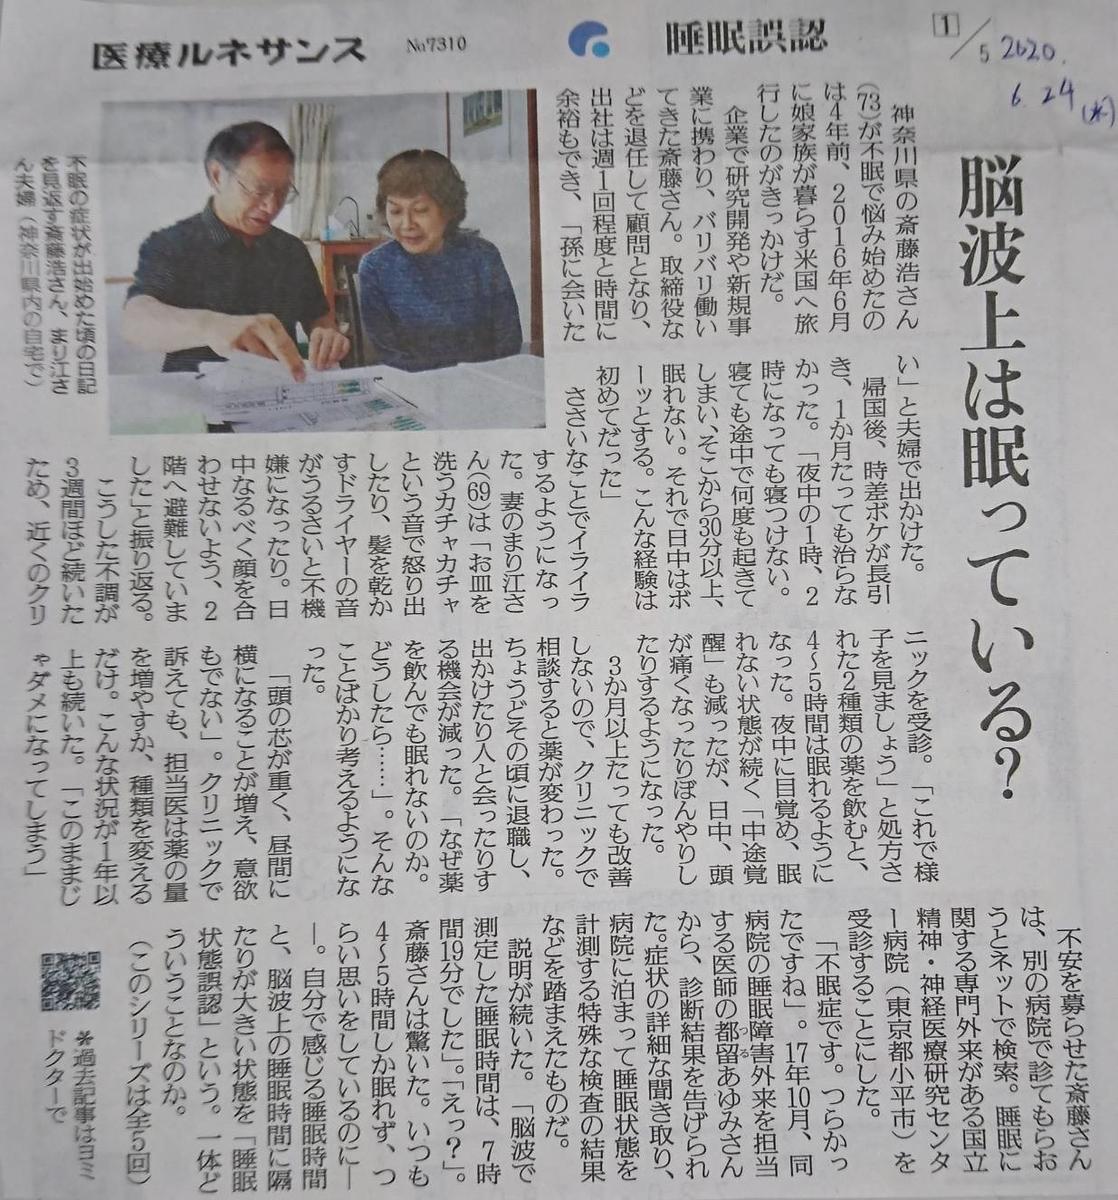 f:id:kazura-kobayashi:20200702164350j:plain